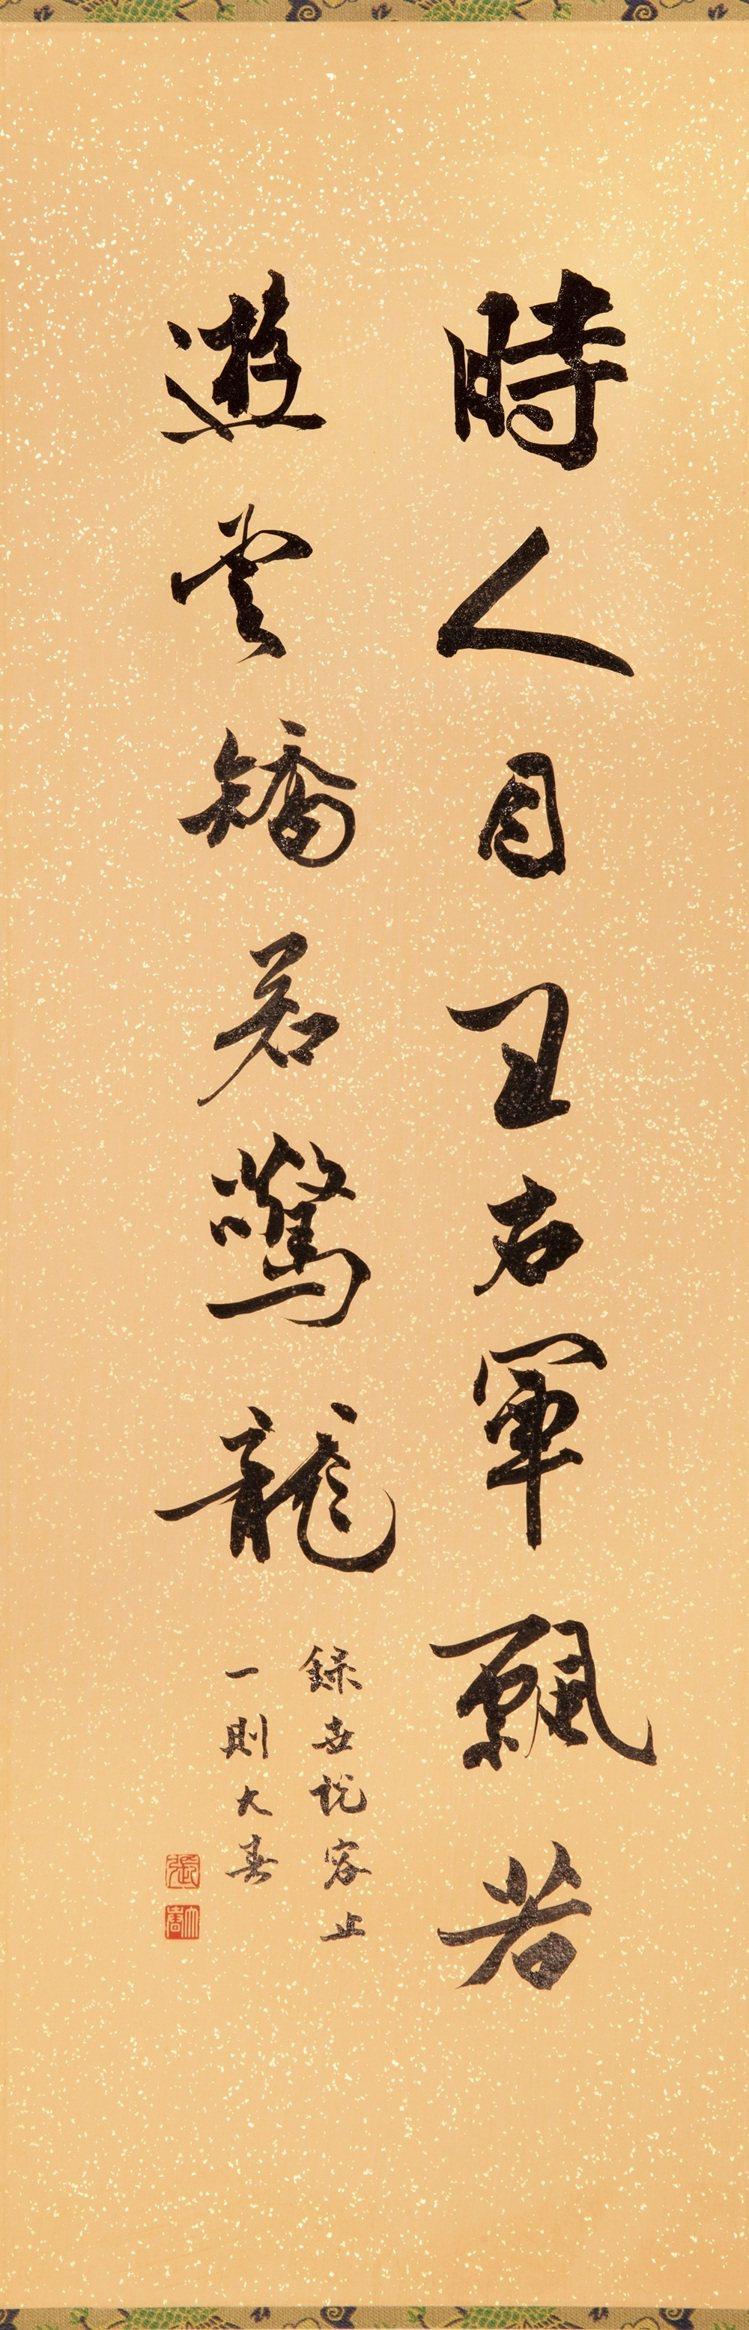 張大春寫「世說新語,容止」 。圖/松蔭裡藝廊提供